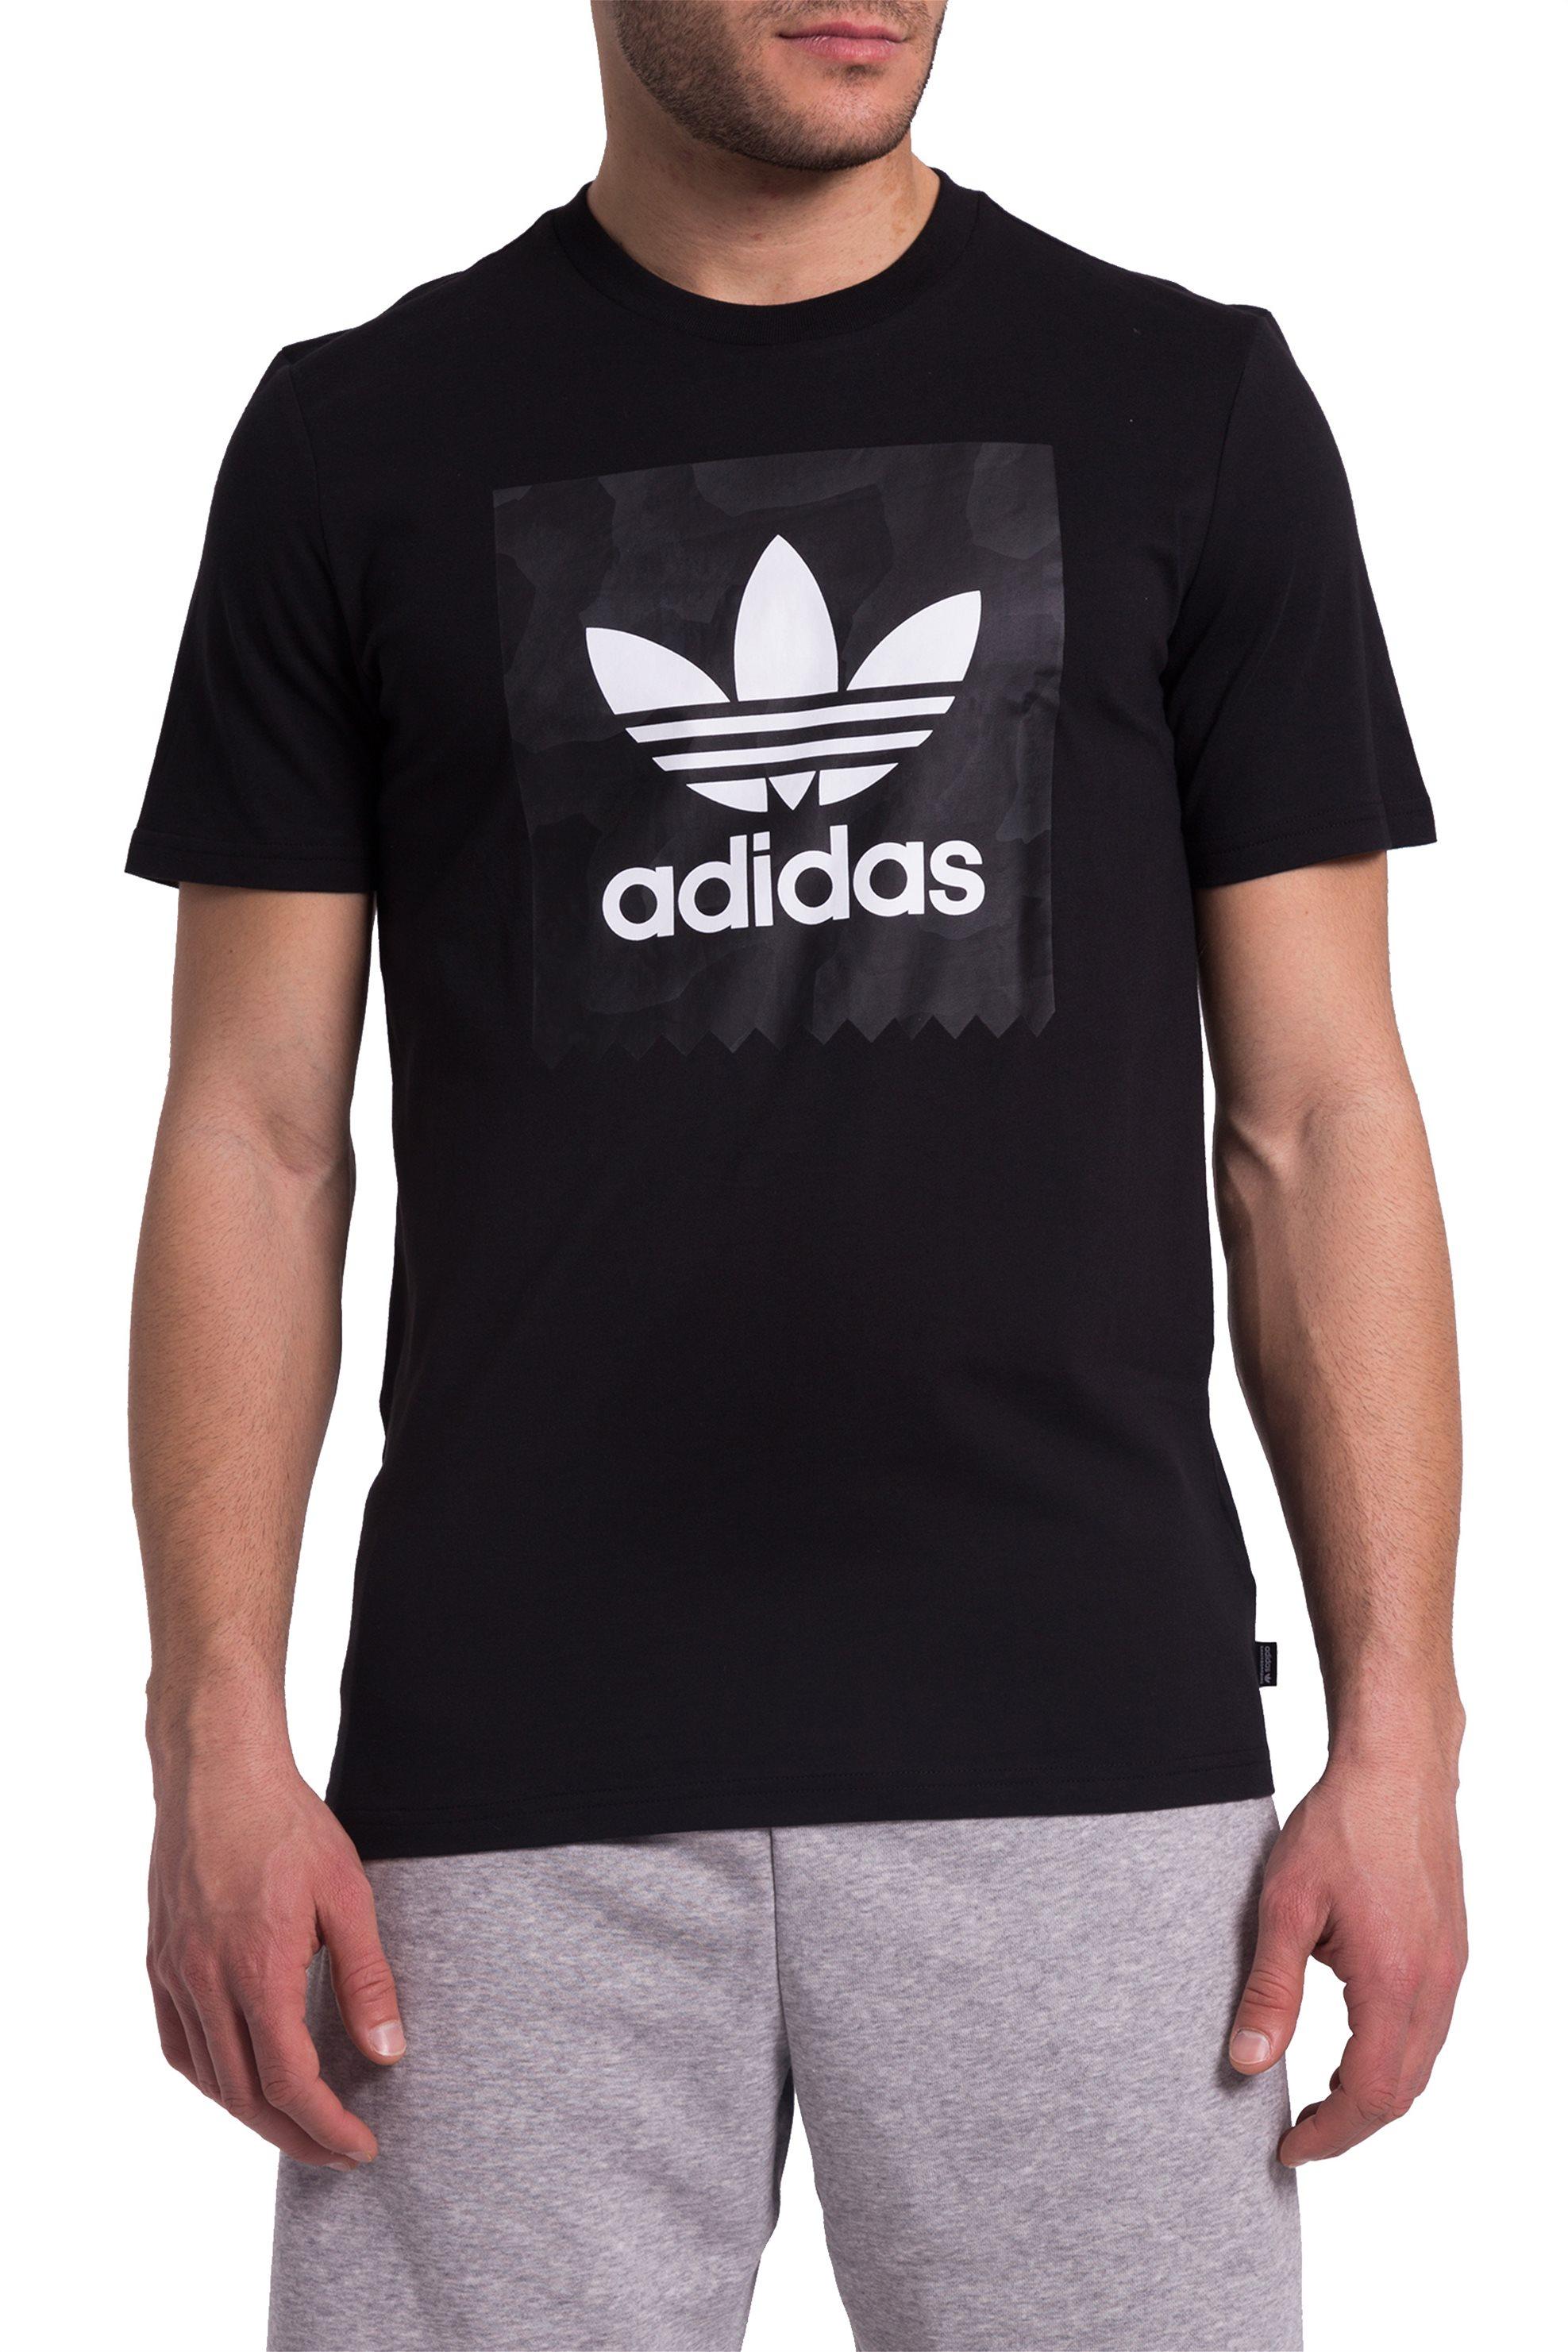 Ανδρικό μαύρο Τ-shirt BB Warp Adidas - CF3097 - Μαύρο ανδρασ   ρουχα   μπλούζες   t shirts